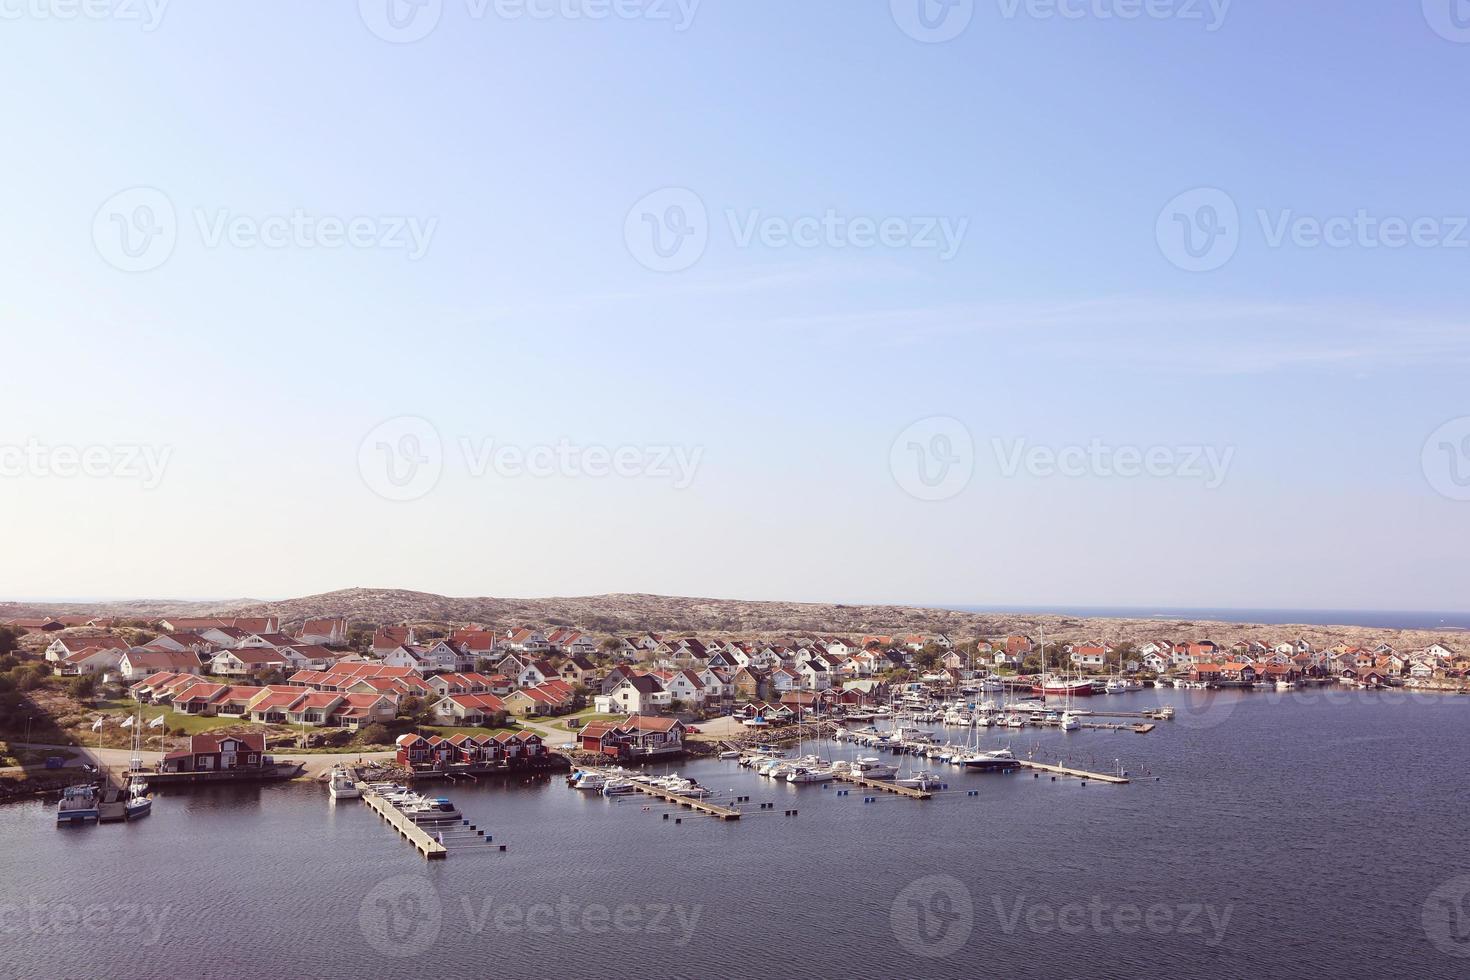 décor de maisons et de bateaux photo